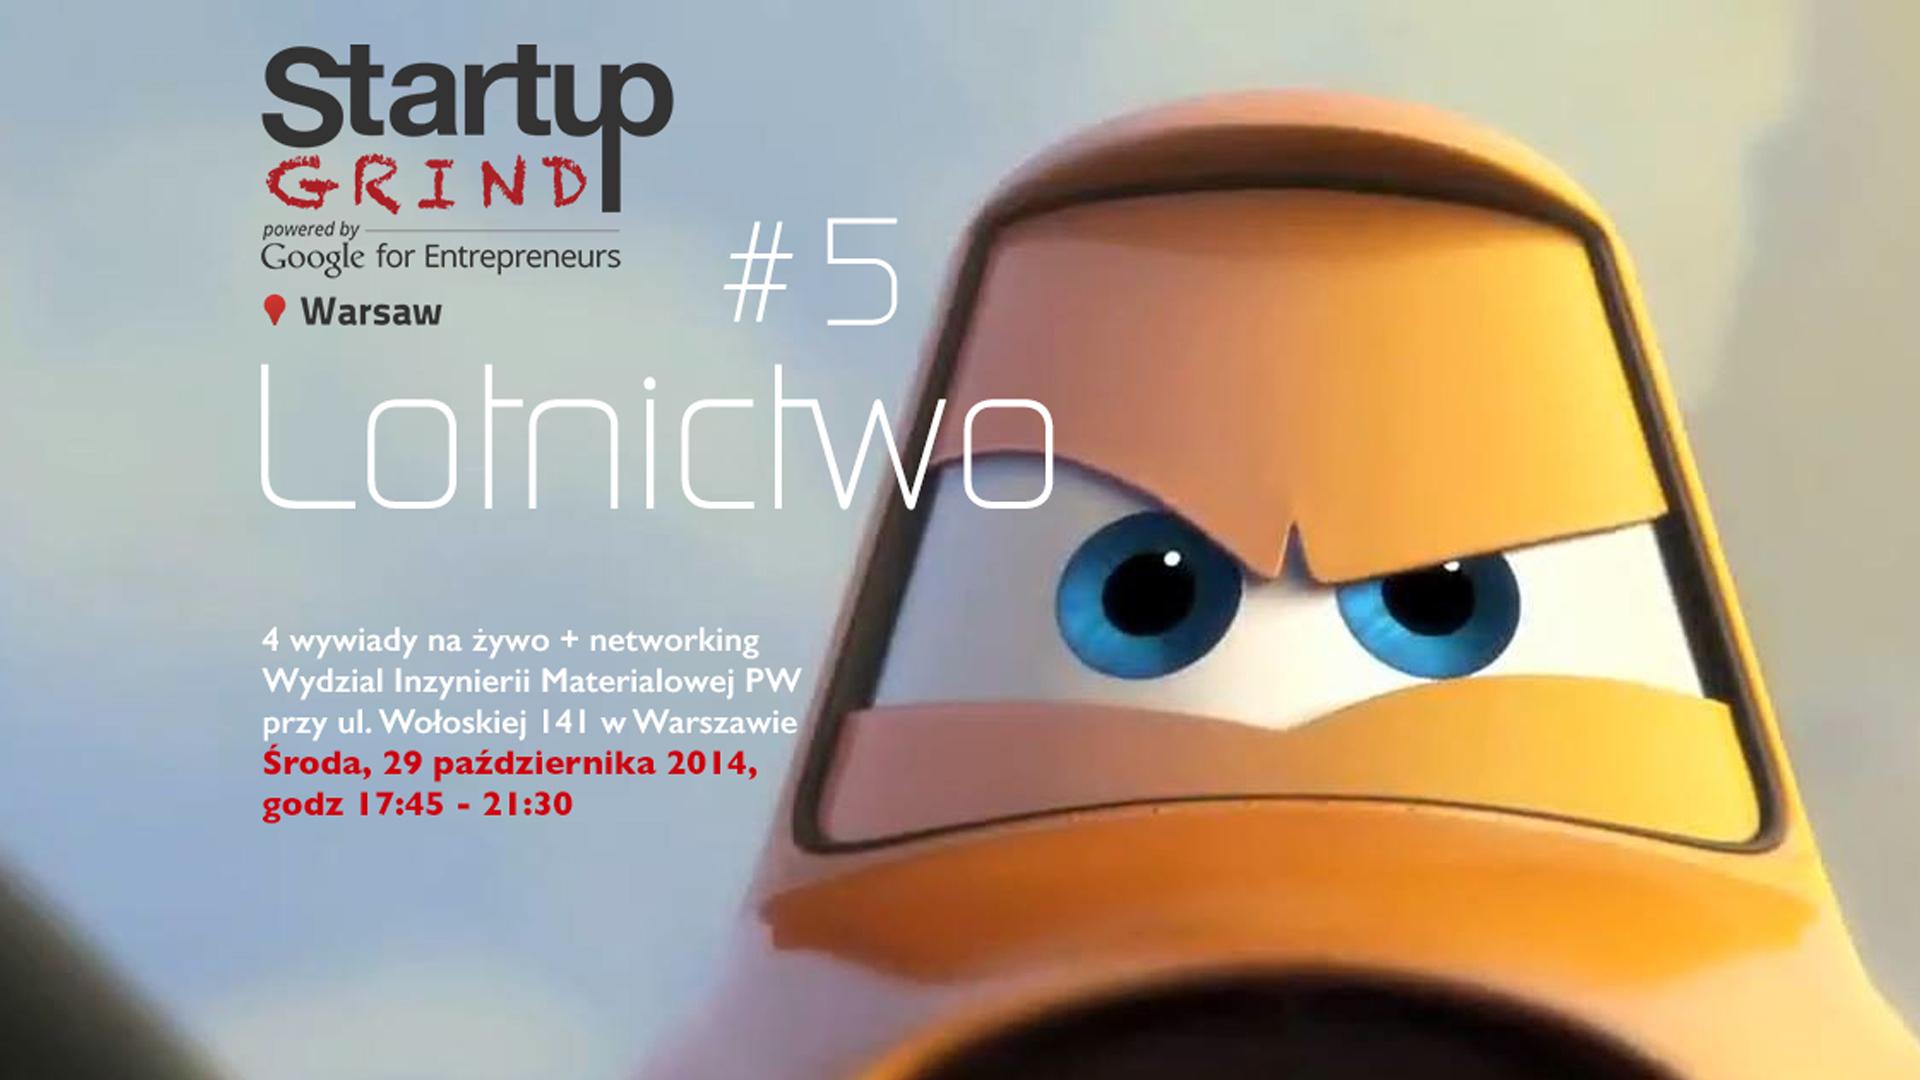 Startup Grind5 jak koncert Lennego Kravitza wearepl